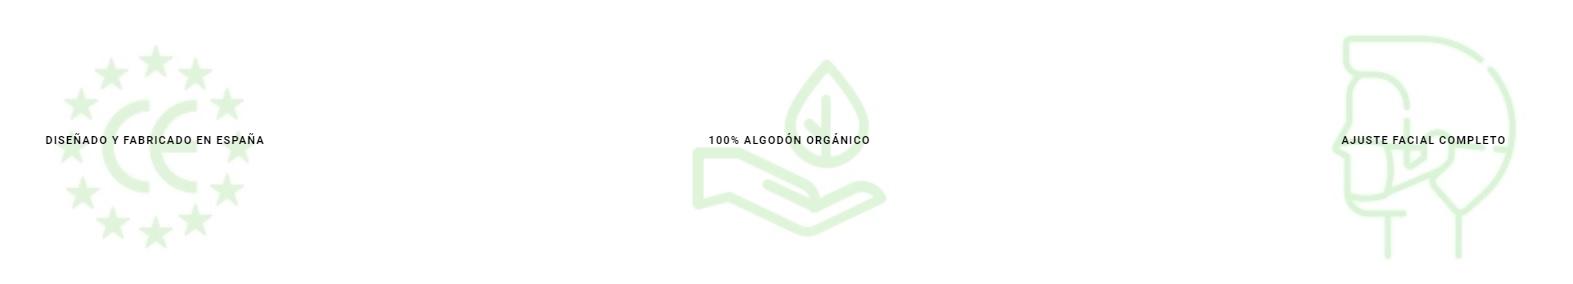 Mascarillas de algodon organico lavables para niños